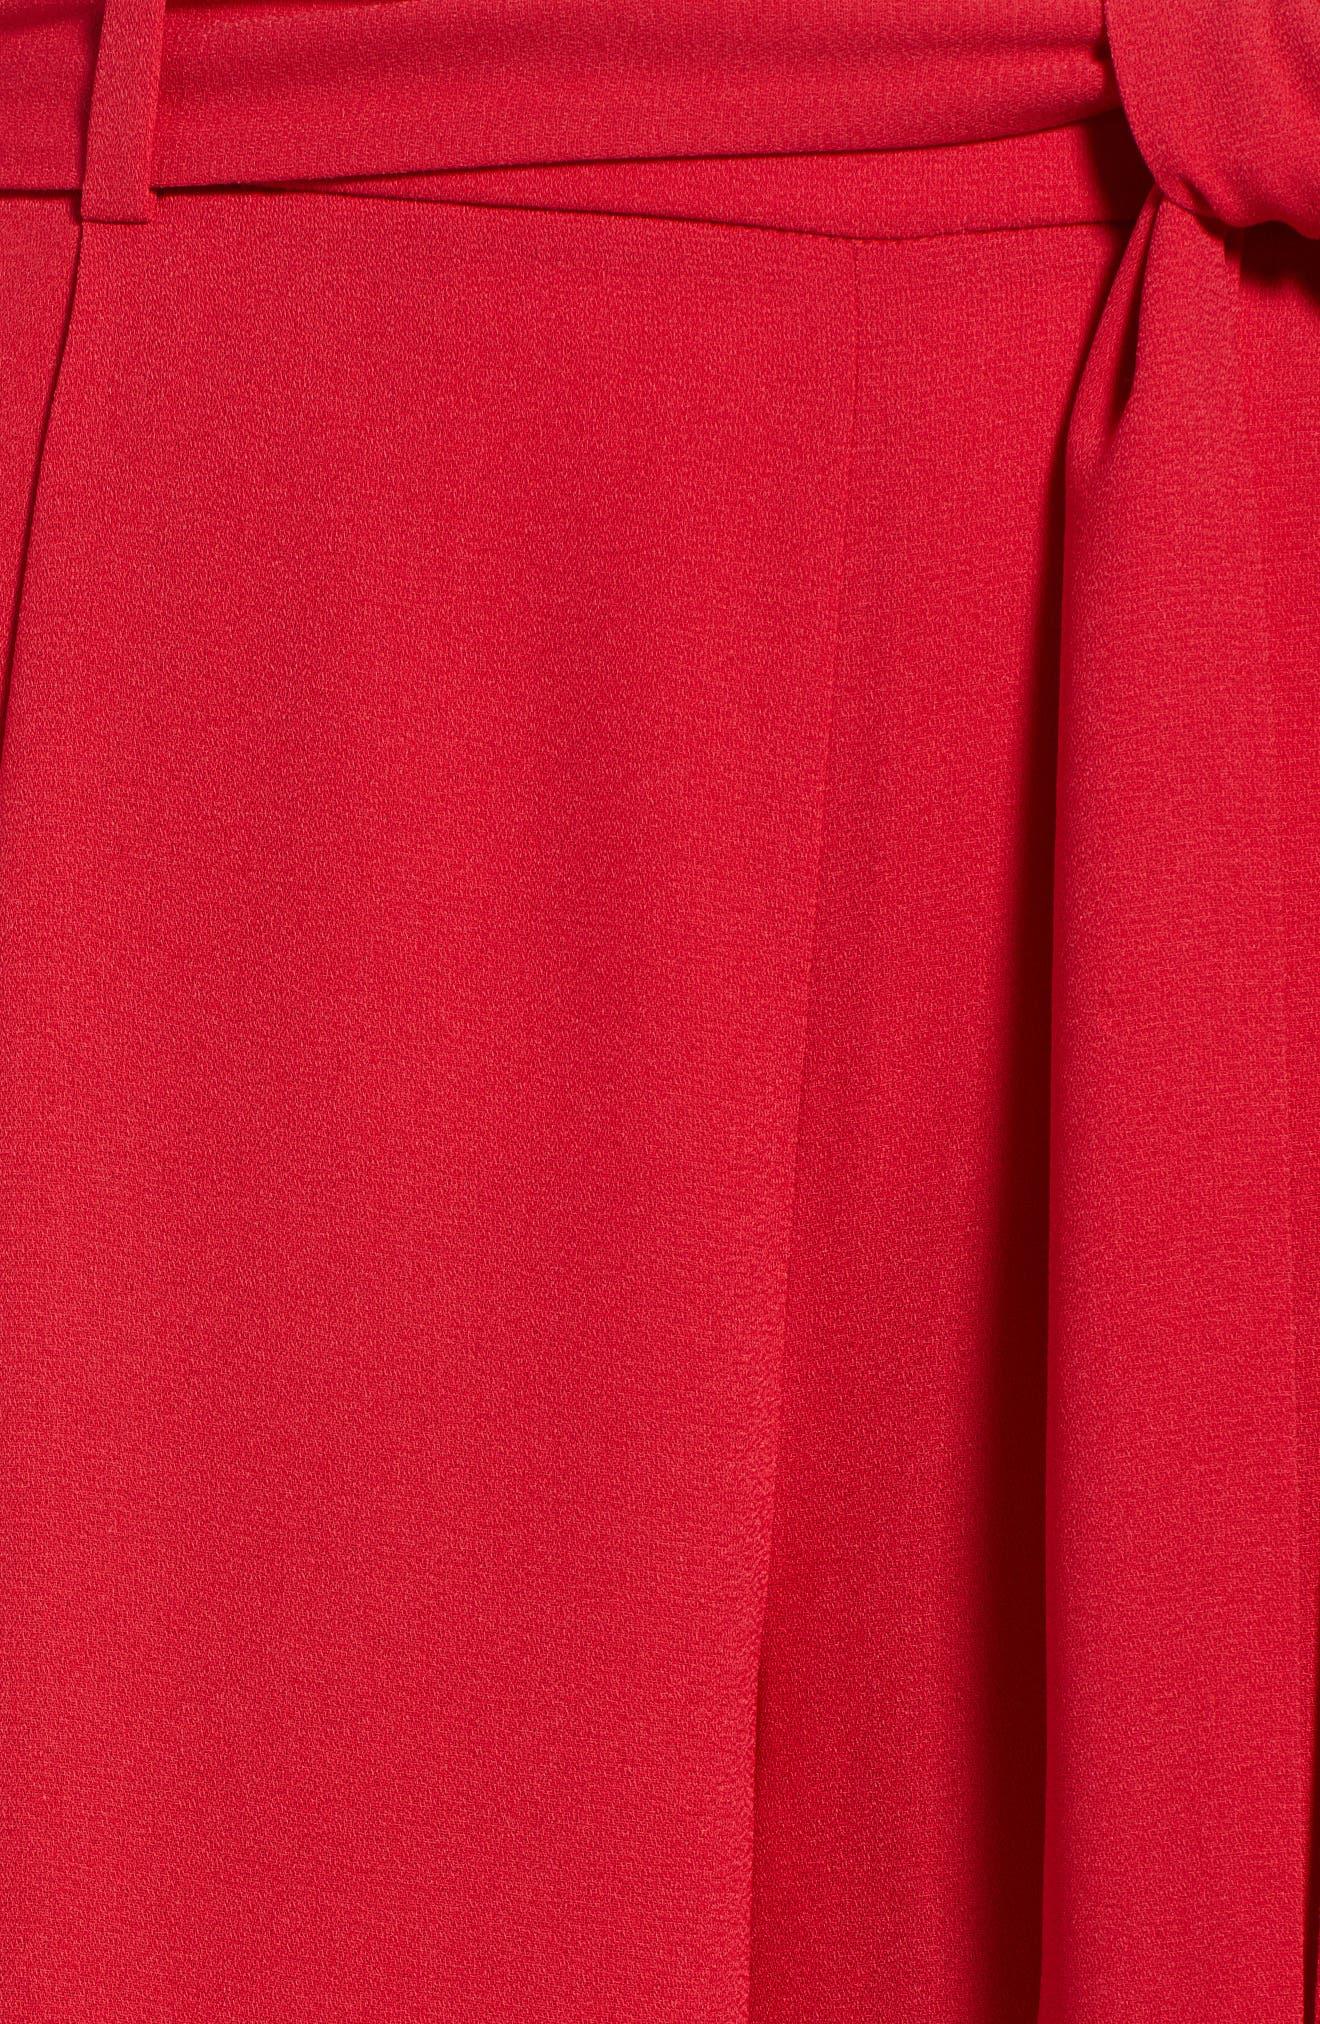 Wide Leg Crop Pants,                             Alternate thumbnail 50, color,